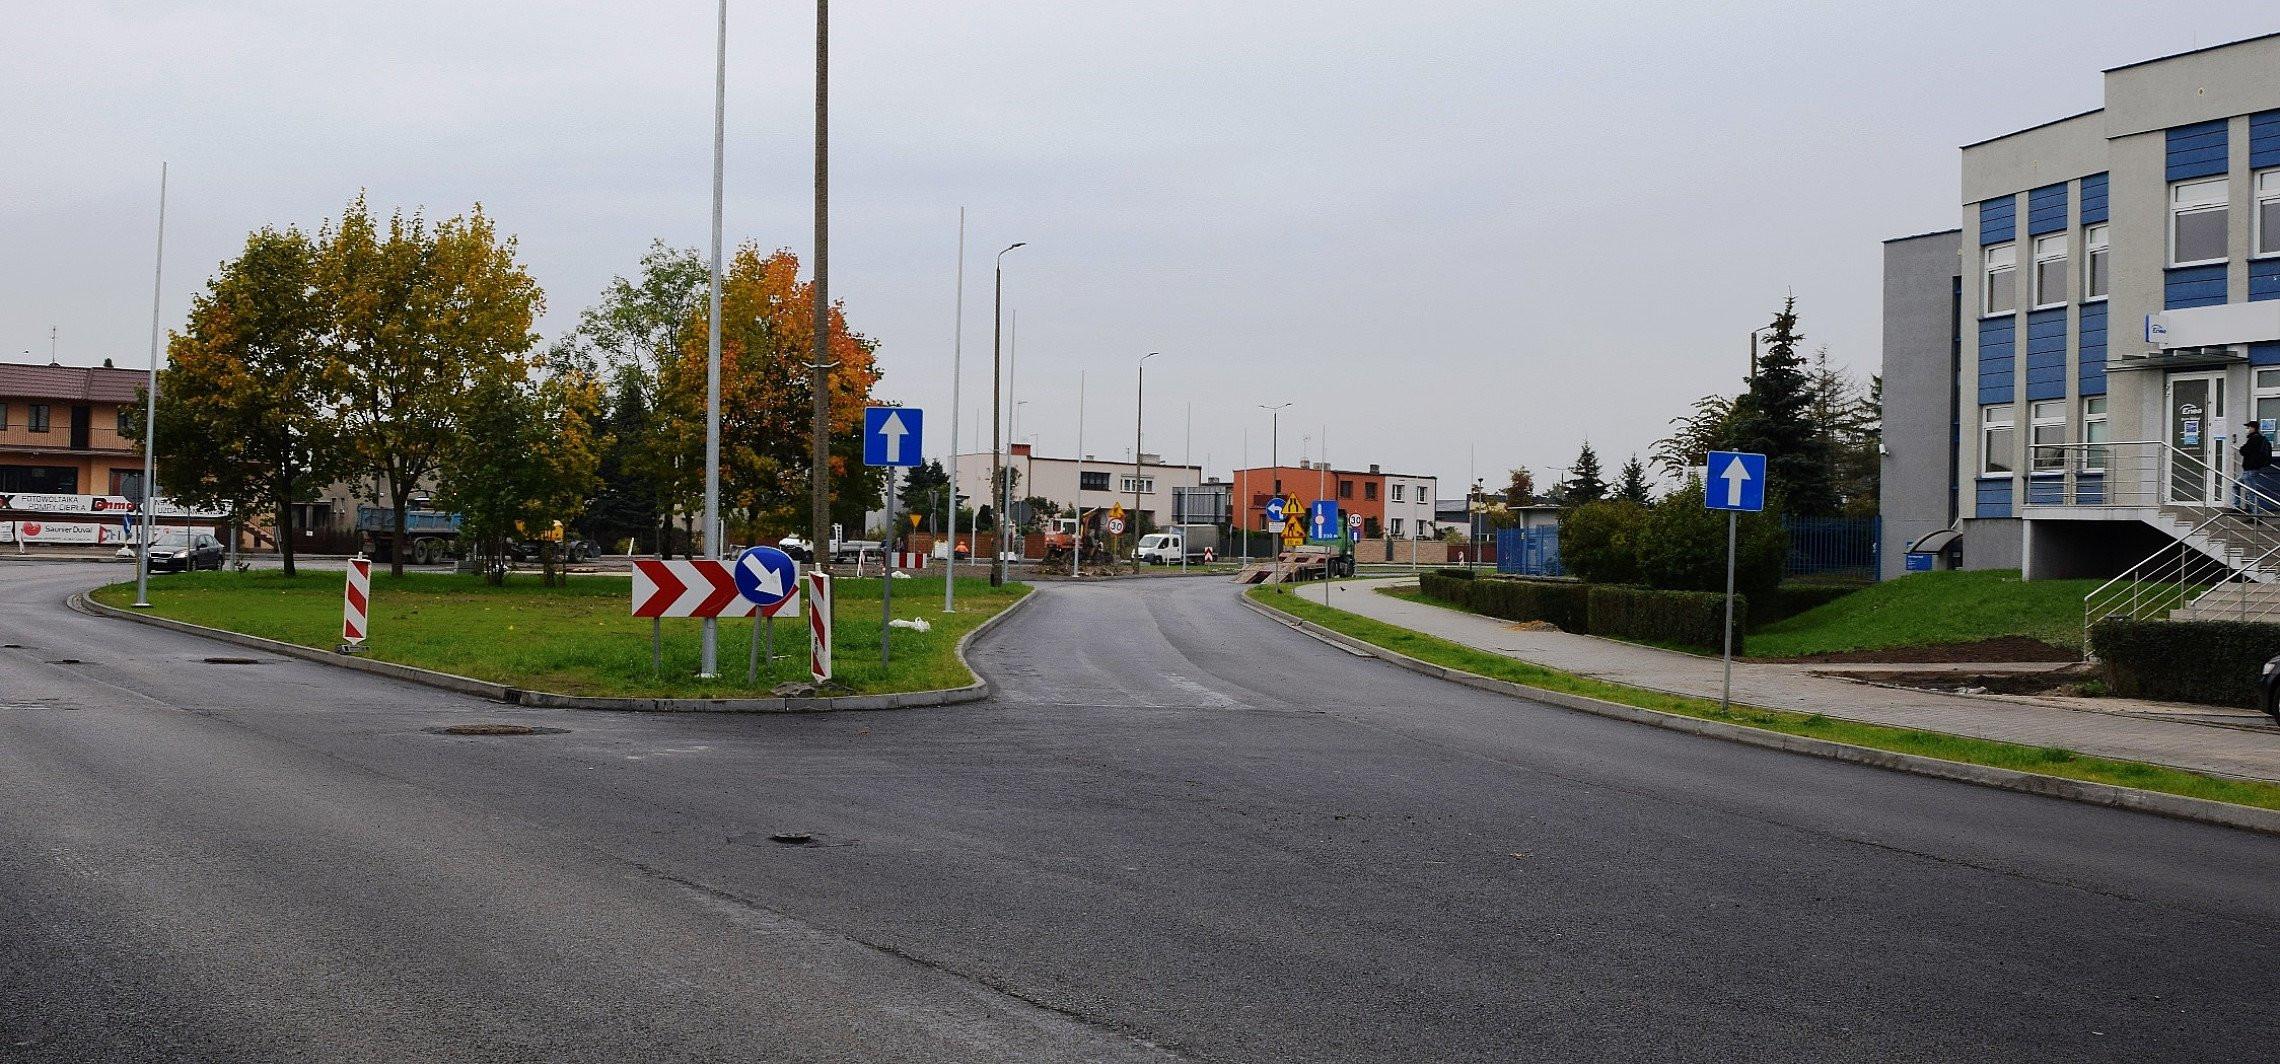 Inowrocław - Uwaga kierowcy! Jutro zamkną ul. Górniczą